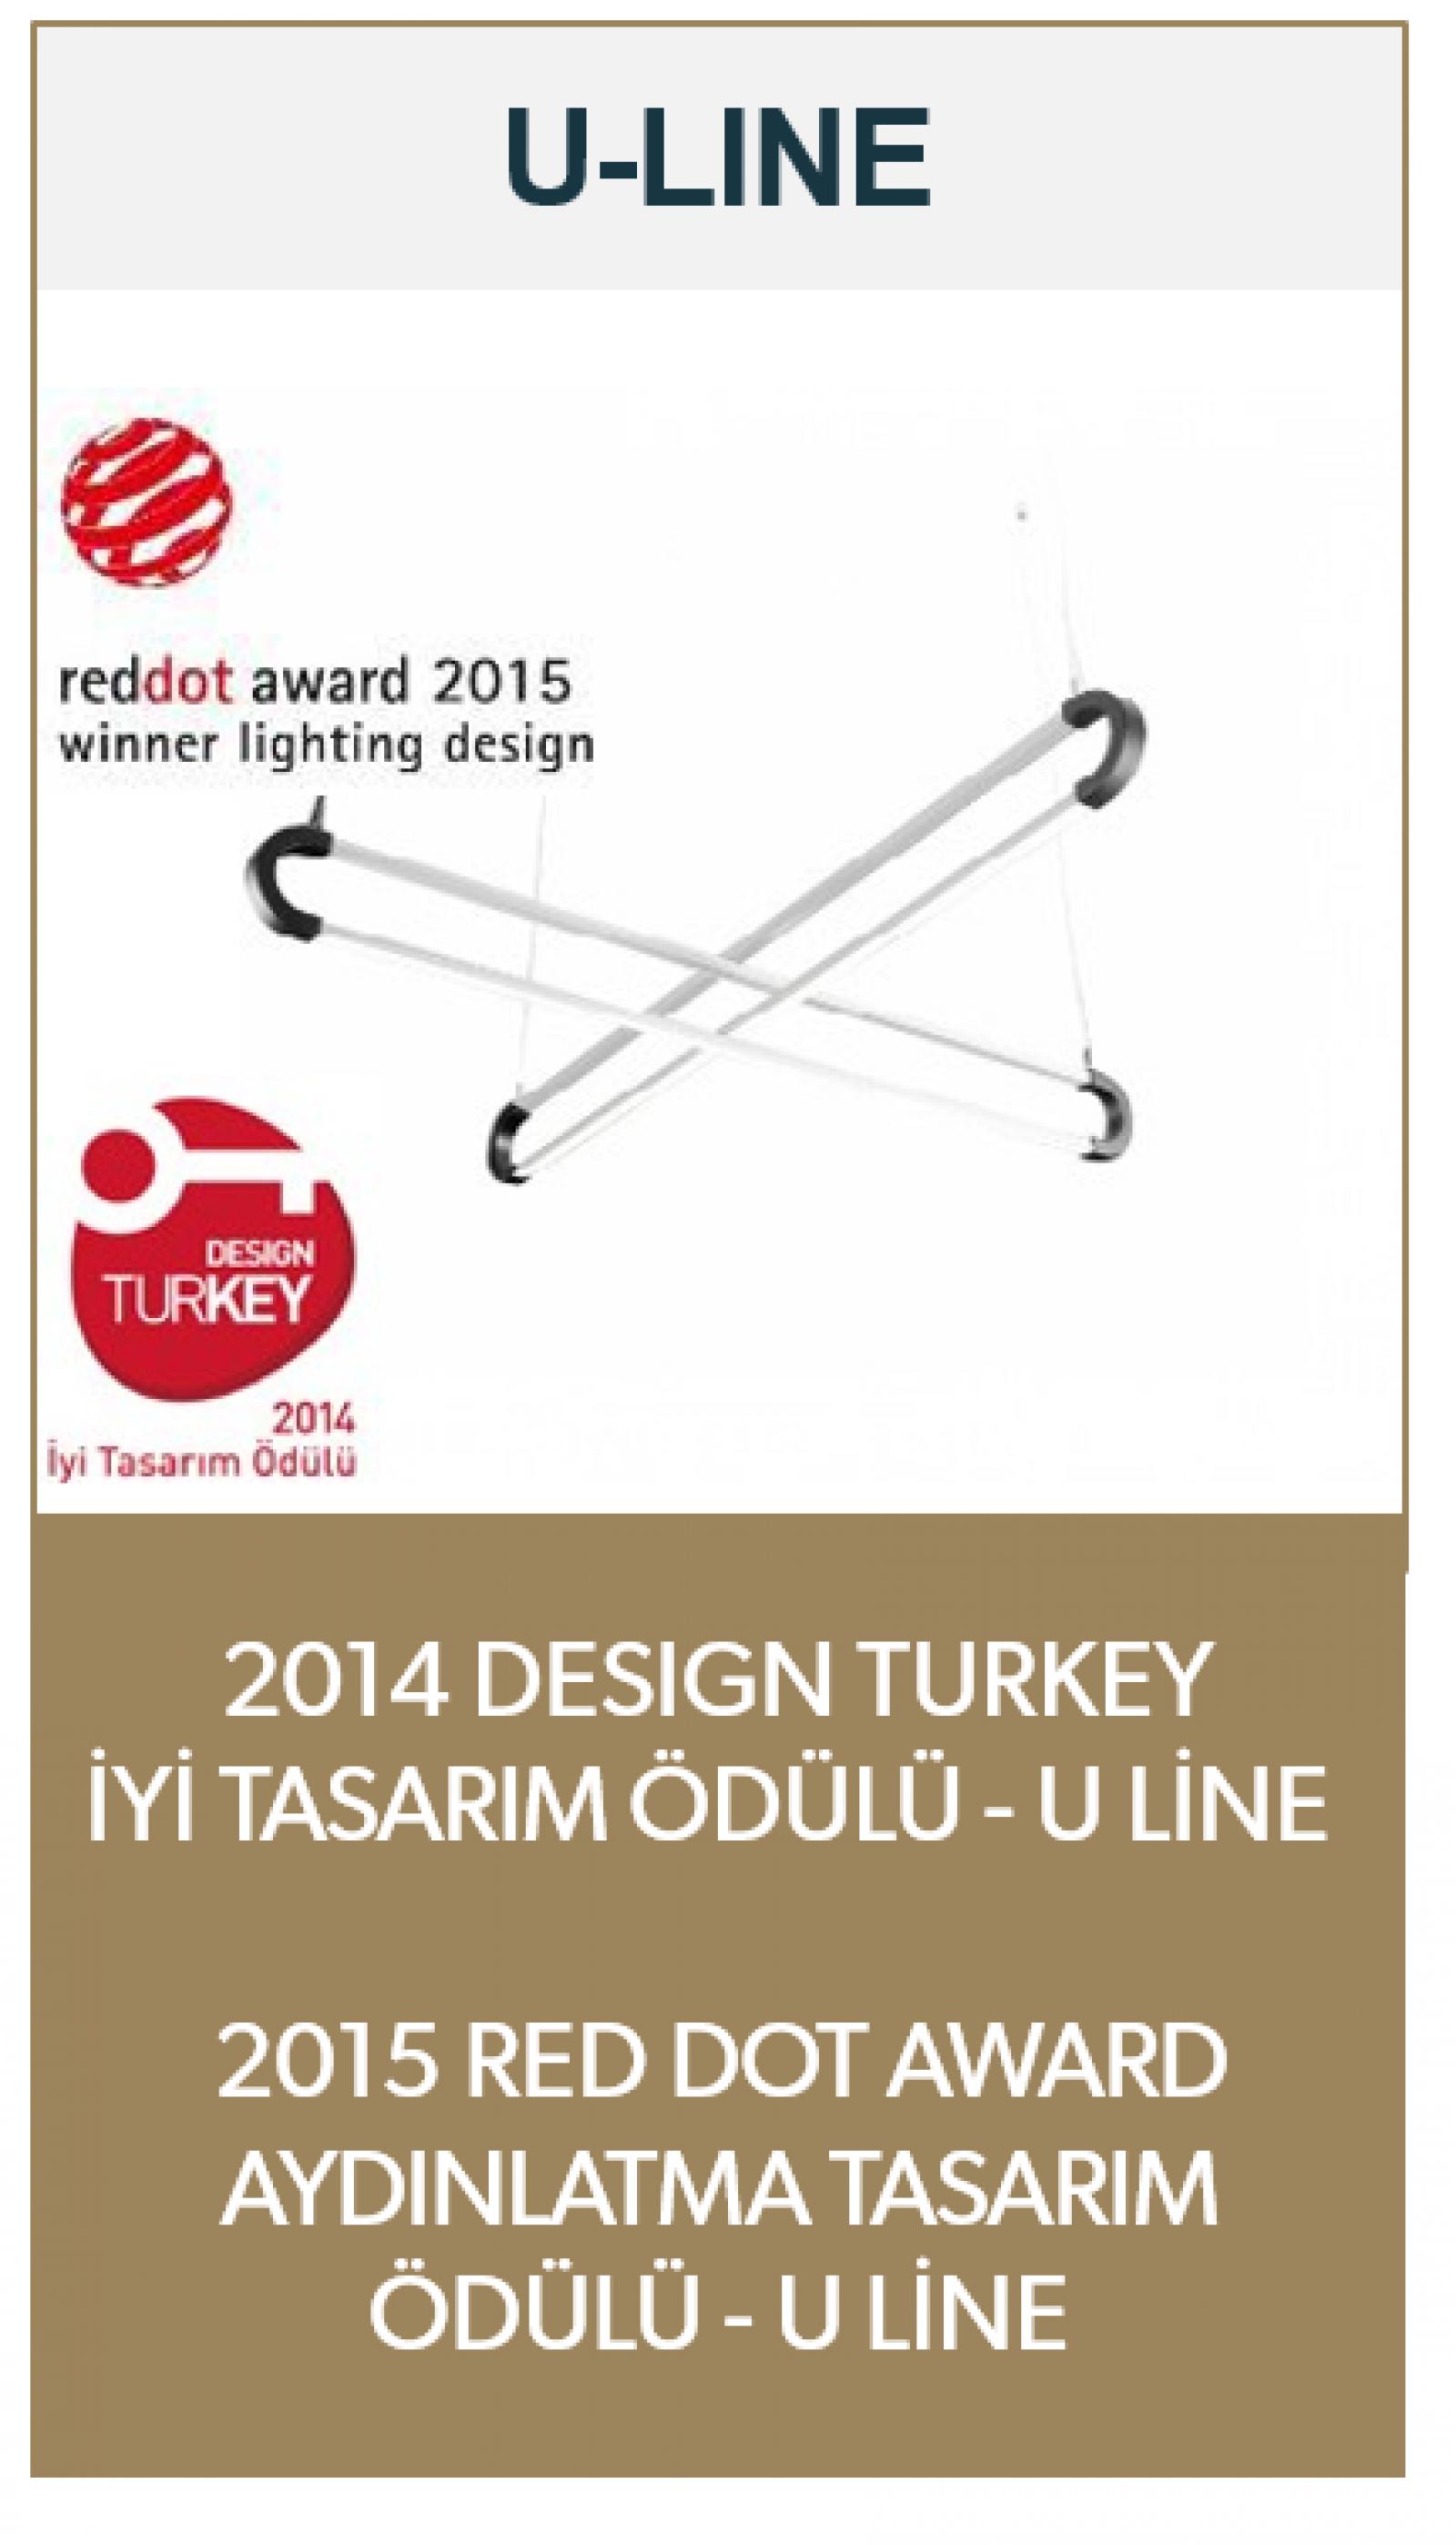 2015 Red Dot Tasarım Ödülü - 2014 İyi Tasarım Ödülü